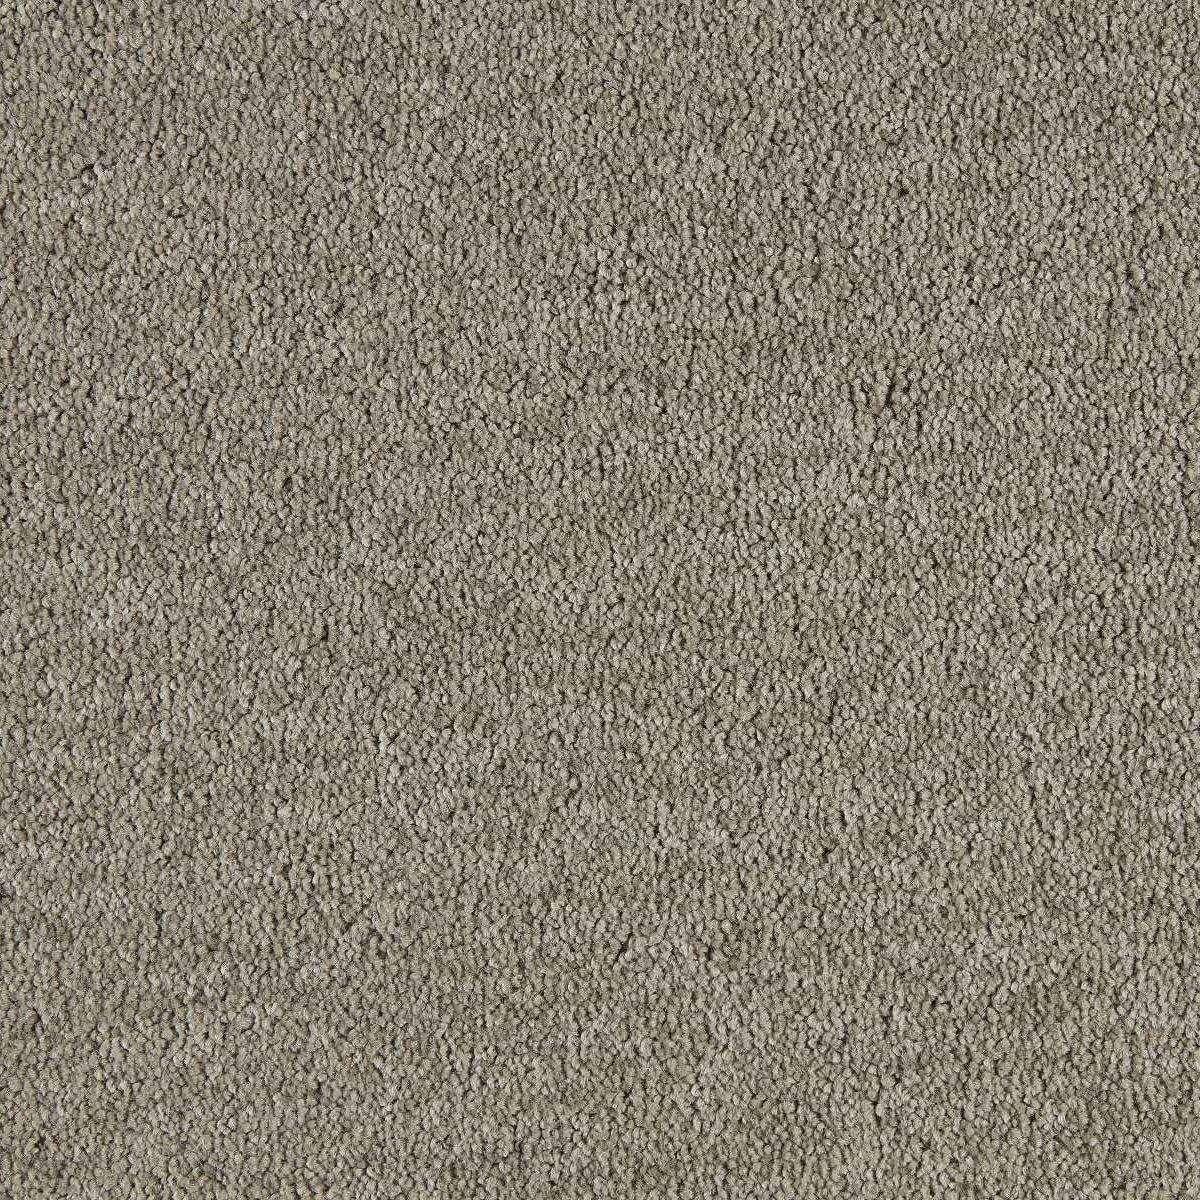 Stuvbutiken | Heltäckningsmatta - Lounge 460, 400 cm : heltäckningsmatta : Inredning